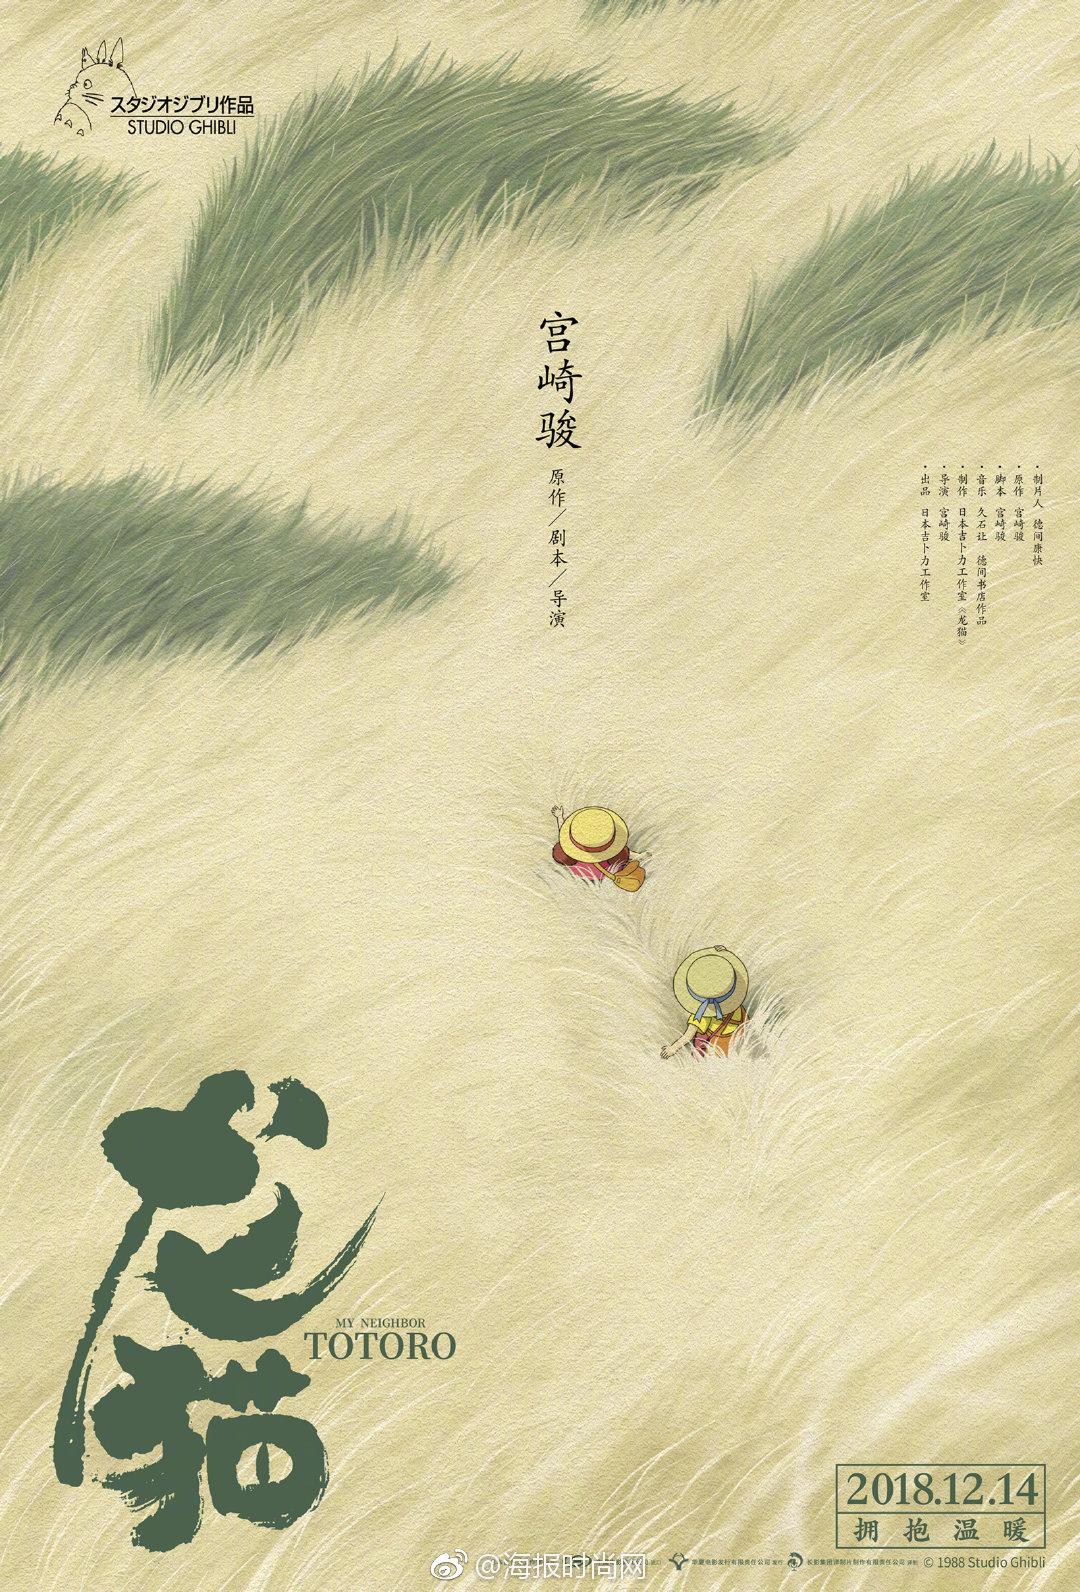 宫崎骏电影《龙猫》发布中国版终极海报,由著名海报设计师黄海设计